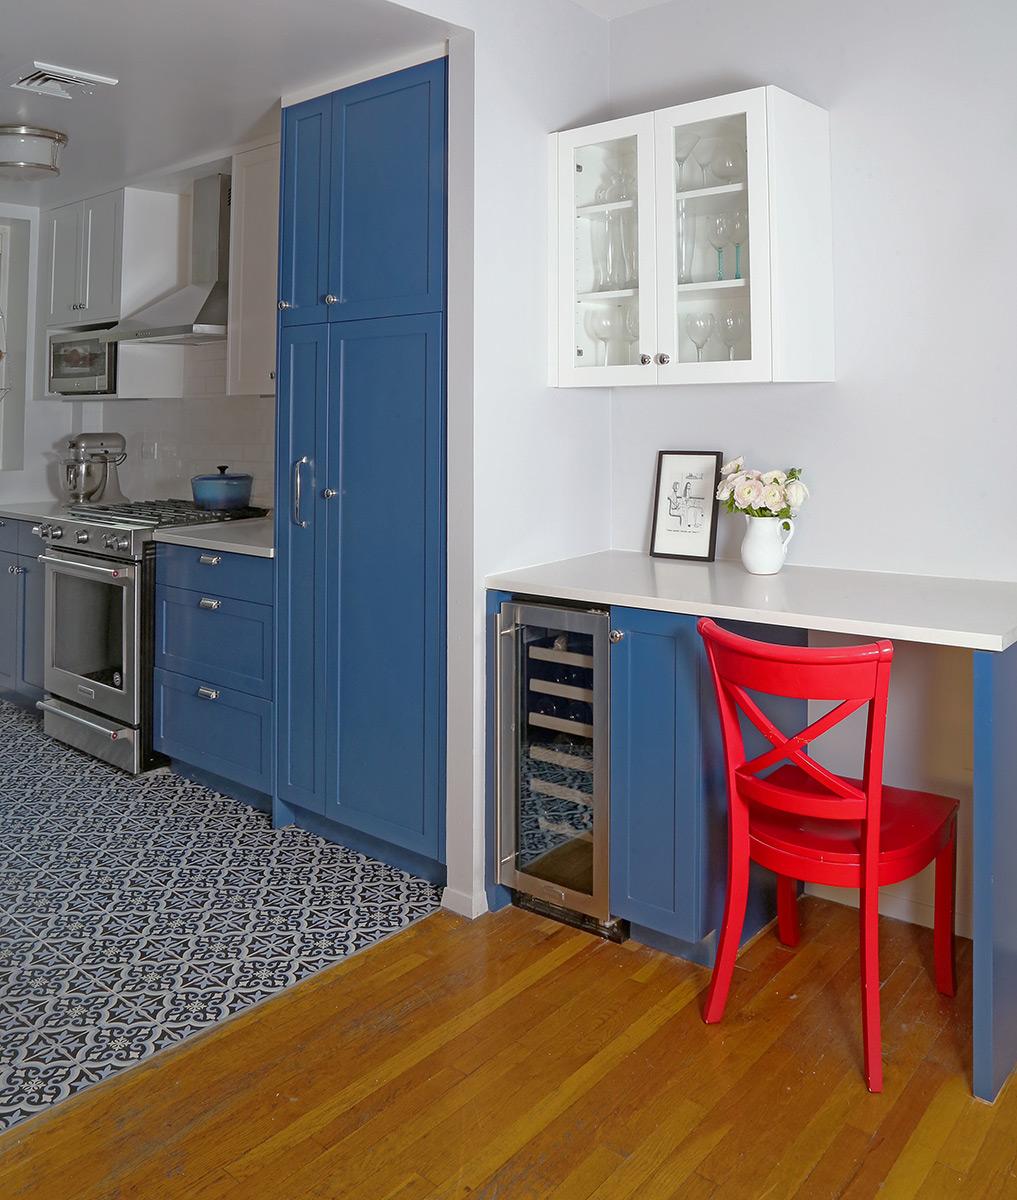 Washington Place Apartments: Blog